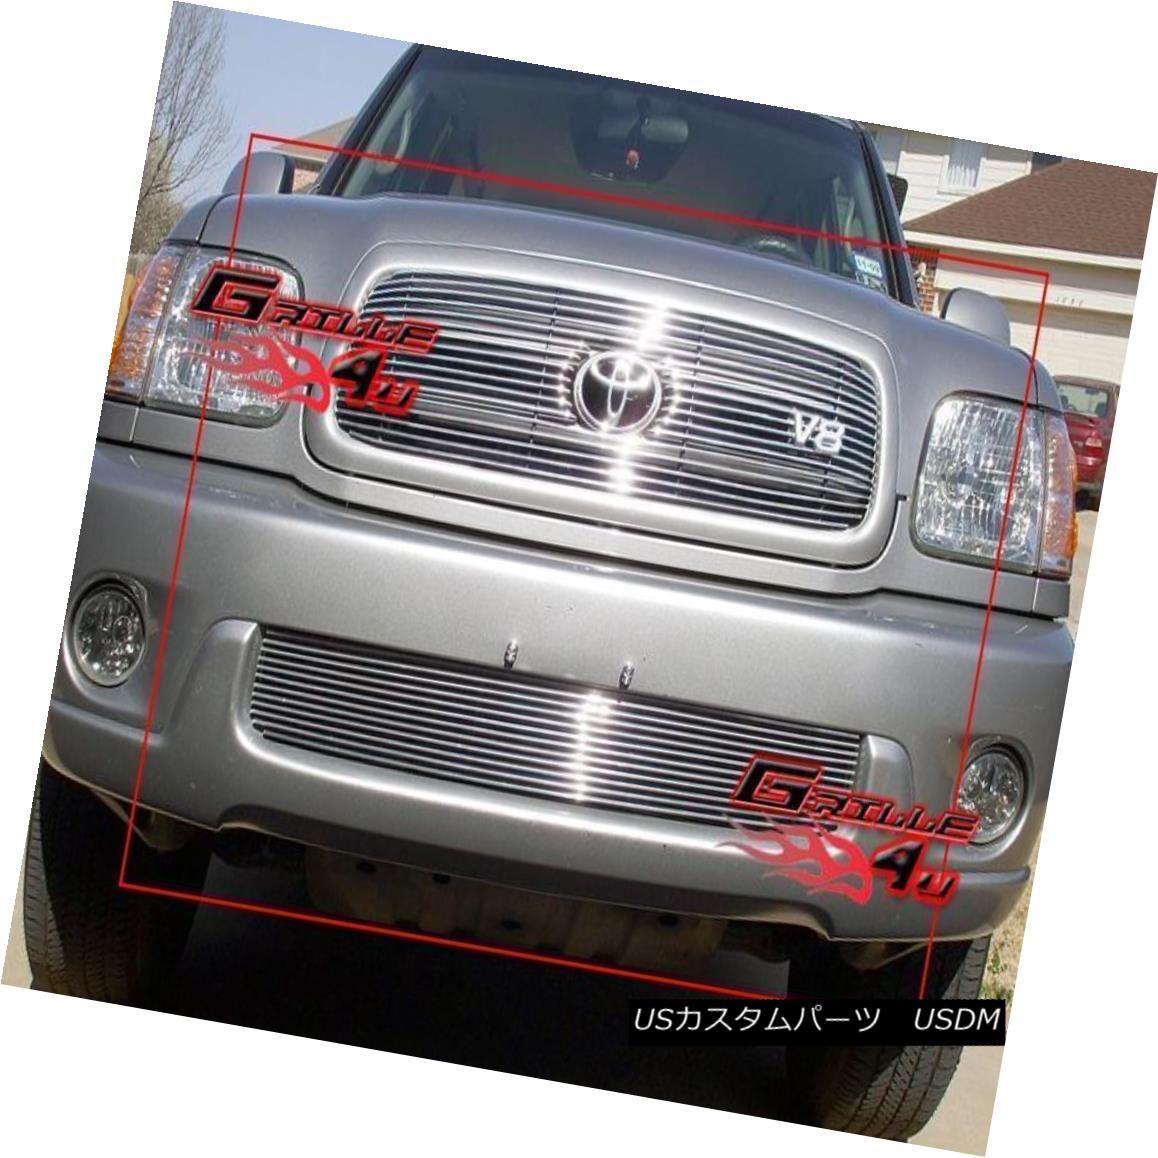 グリル Fits 2001-2004 Toyota Sequoia Billet Grille Combo フィット2001-2004トヨタセコイアビレットグリルコンボ